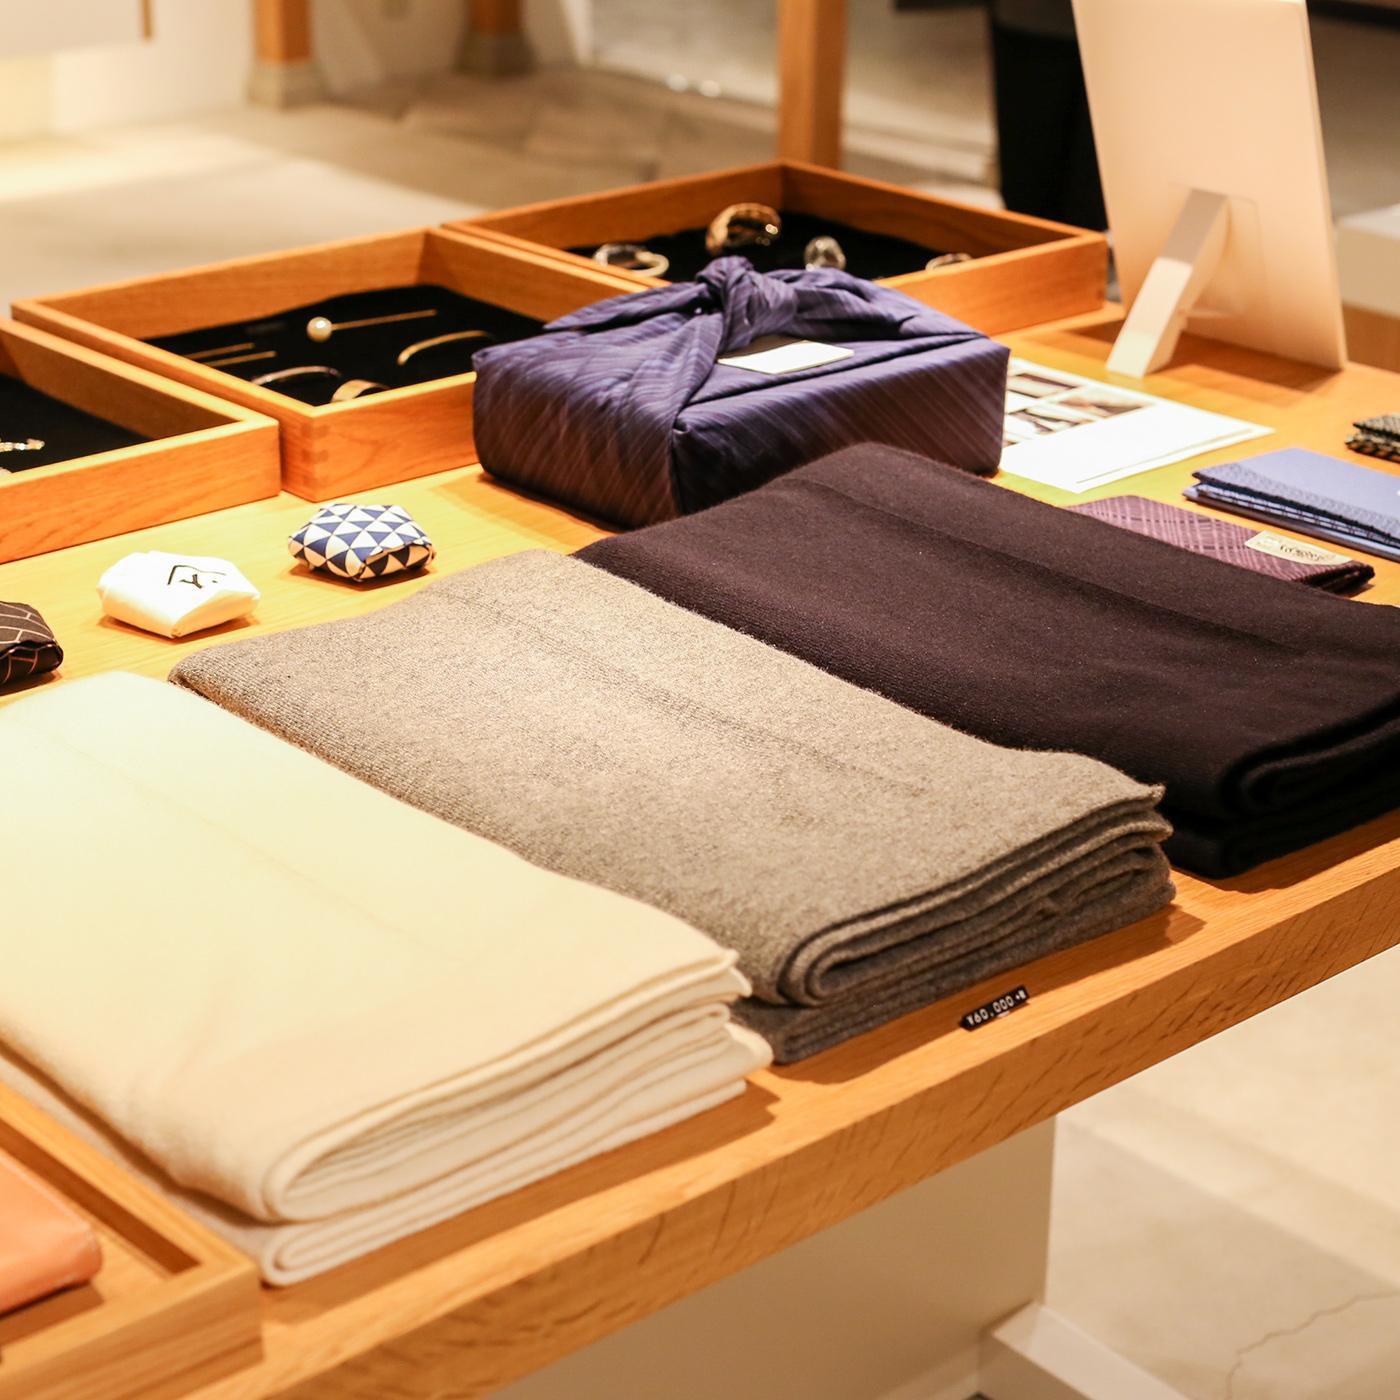 帯留やストール、バッグなどもデザインはモダン。